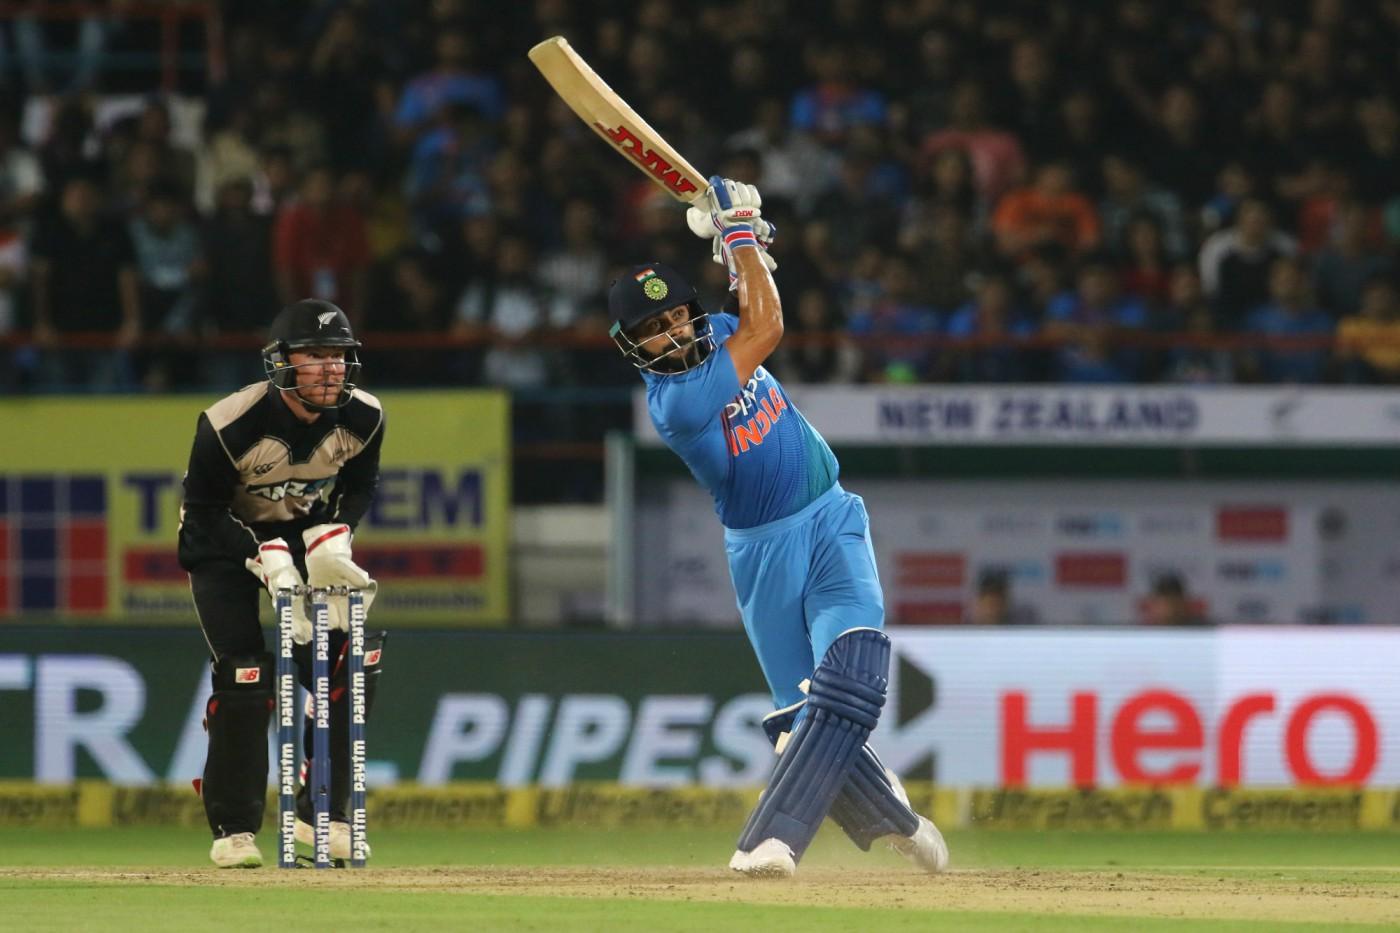 টি২০ সিরিজের শেষ ম্যাচে ভারতের একাদশ 5